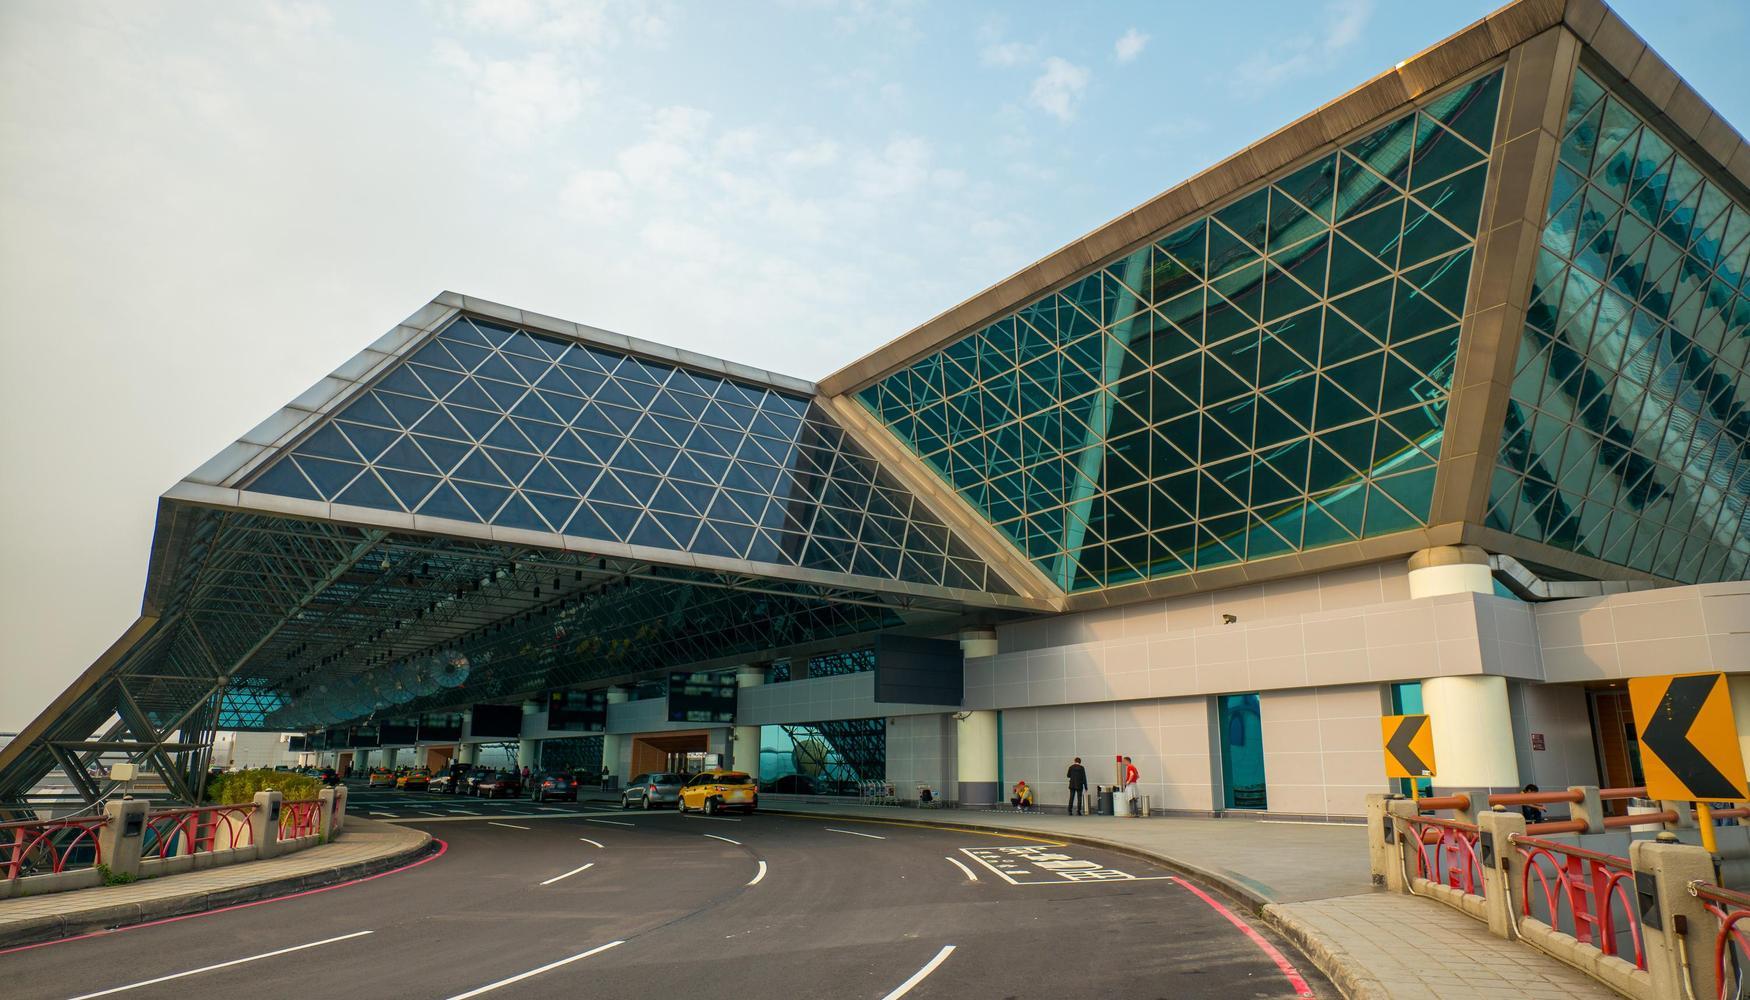 รถเช่าที่ สนามบิน ไทเป ท่าอากาศยานนานาชาติไต้หวันเถา-ยฺเหวียน